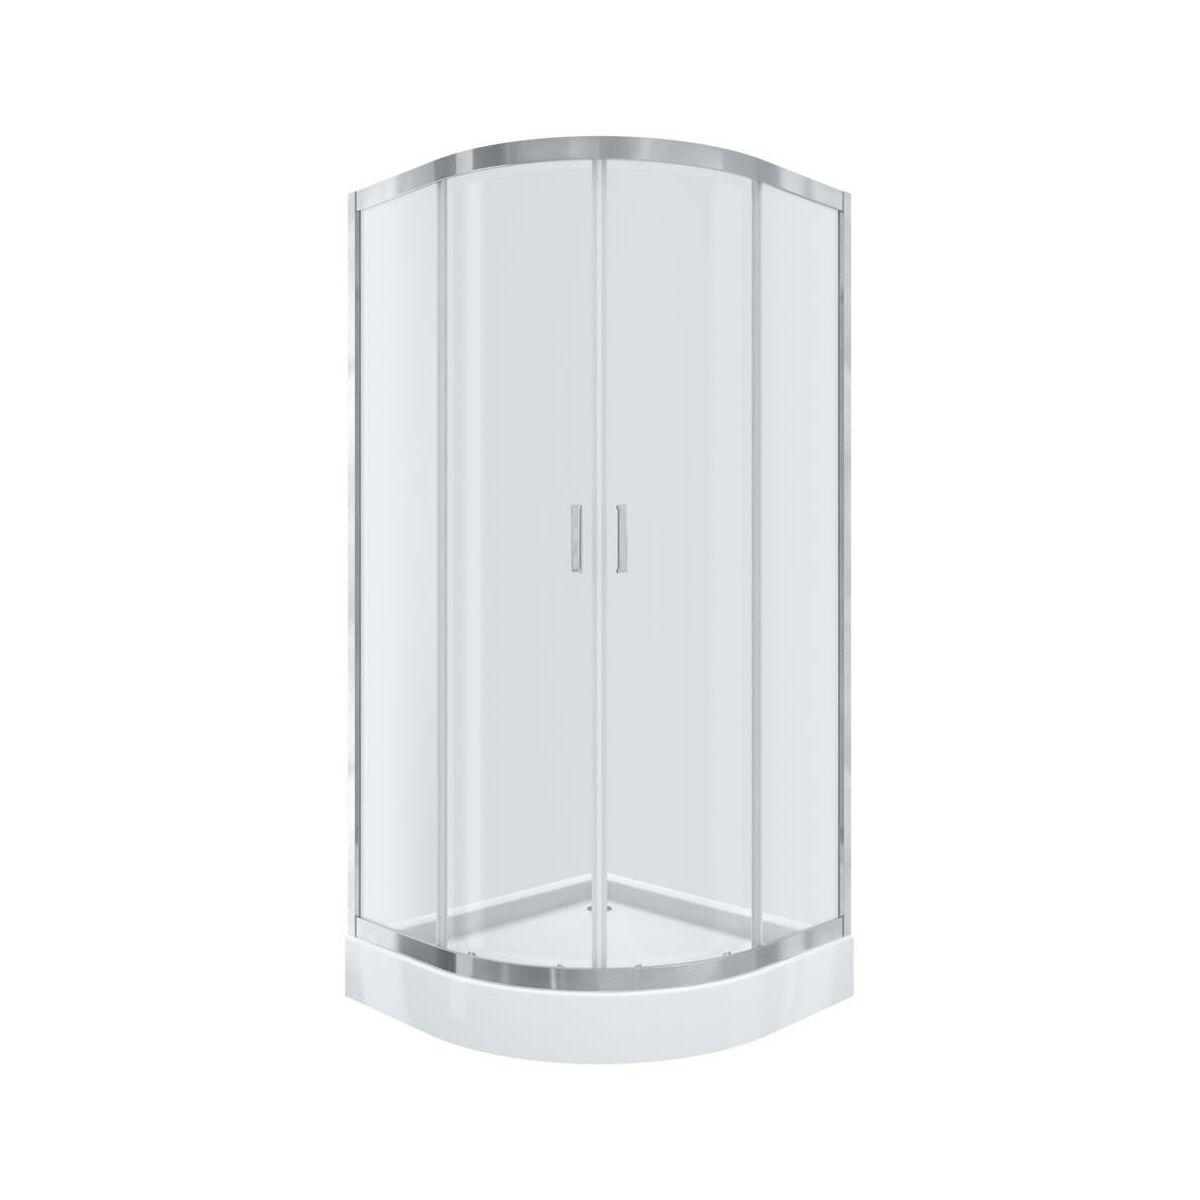 Kabina Prysznicowa Z Brodzikiem 90 X 90 Polmetal Kabiny Prysznicowe W Atrakcyjnej Cenie W Sklepach Leroy Merlin